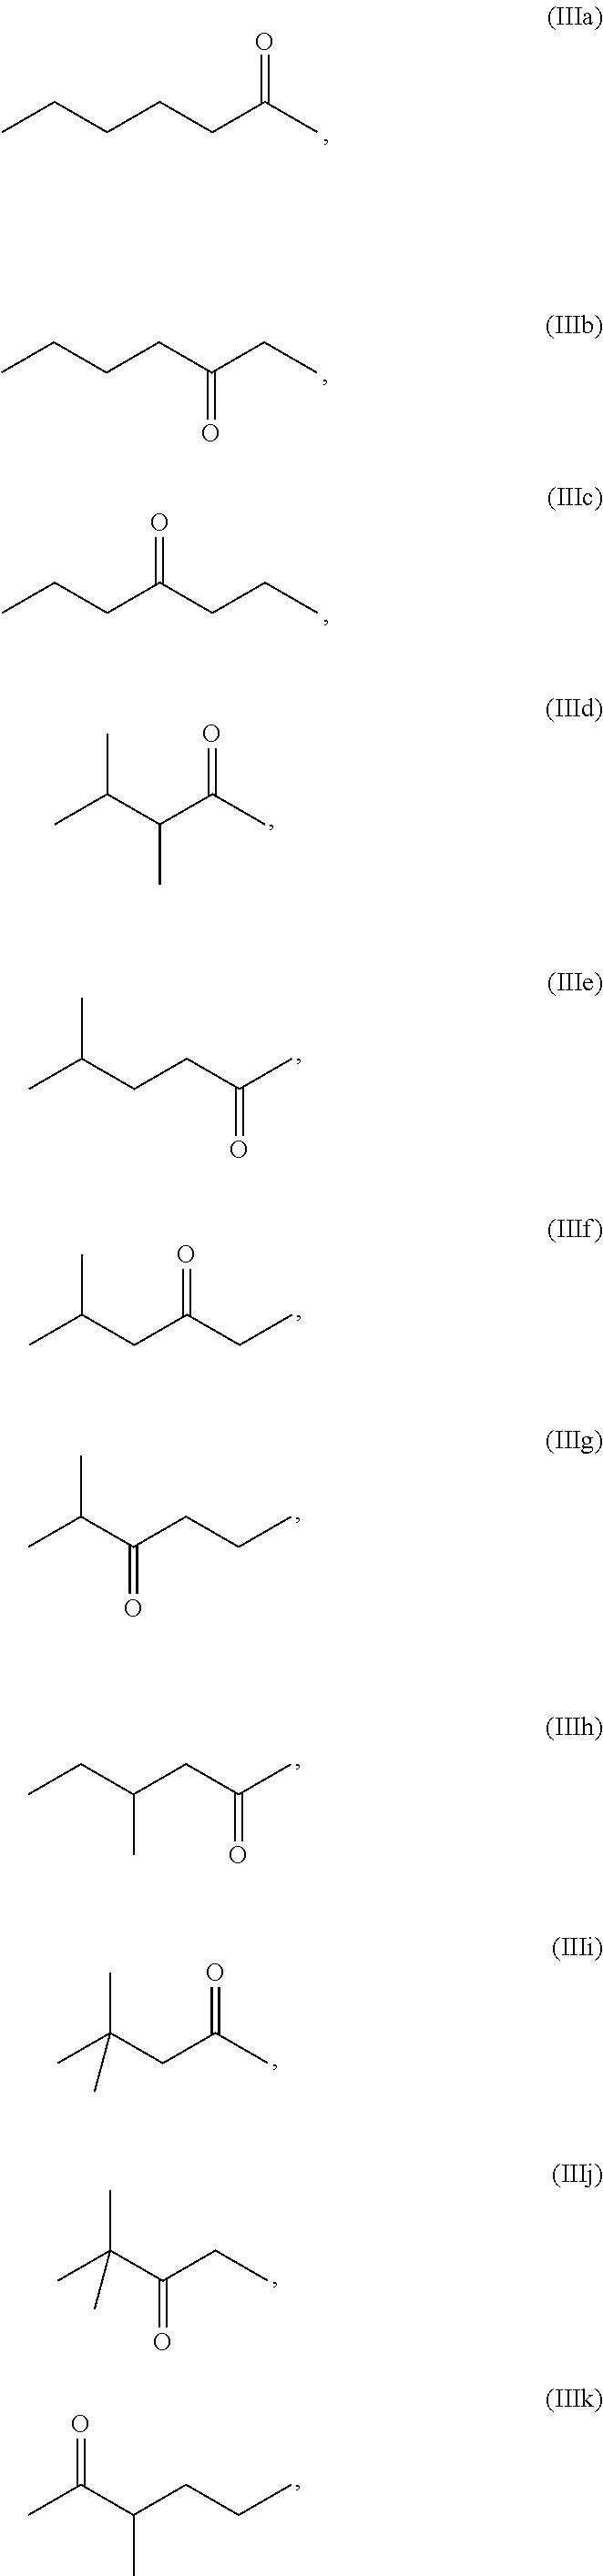 Figure US09263862-20160216-C00003